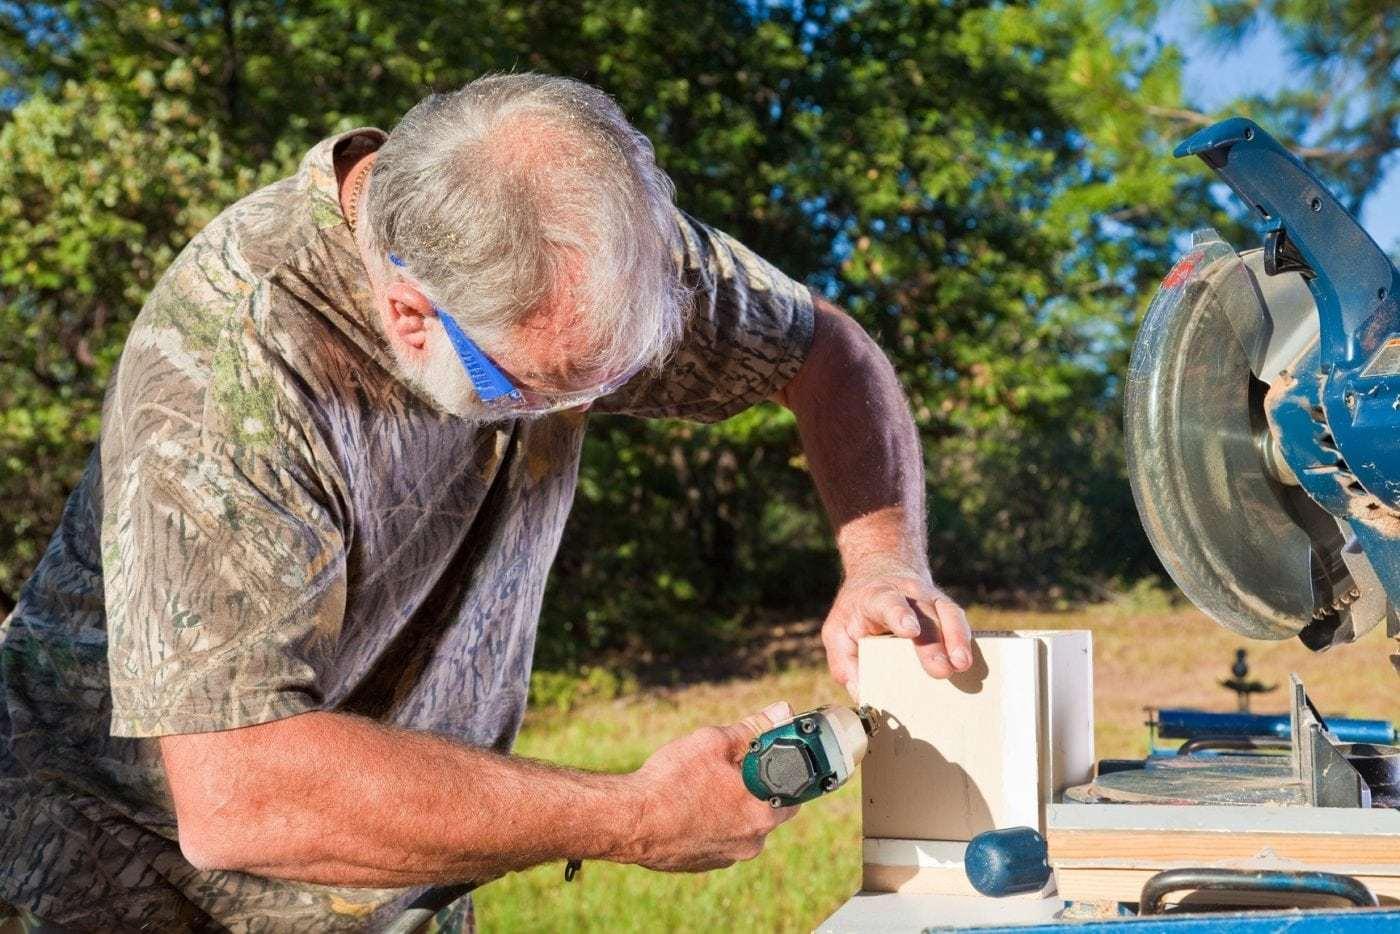 Man Uses a Nail Gun